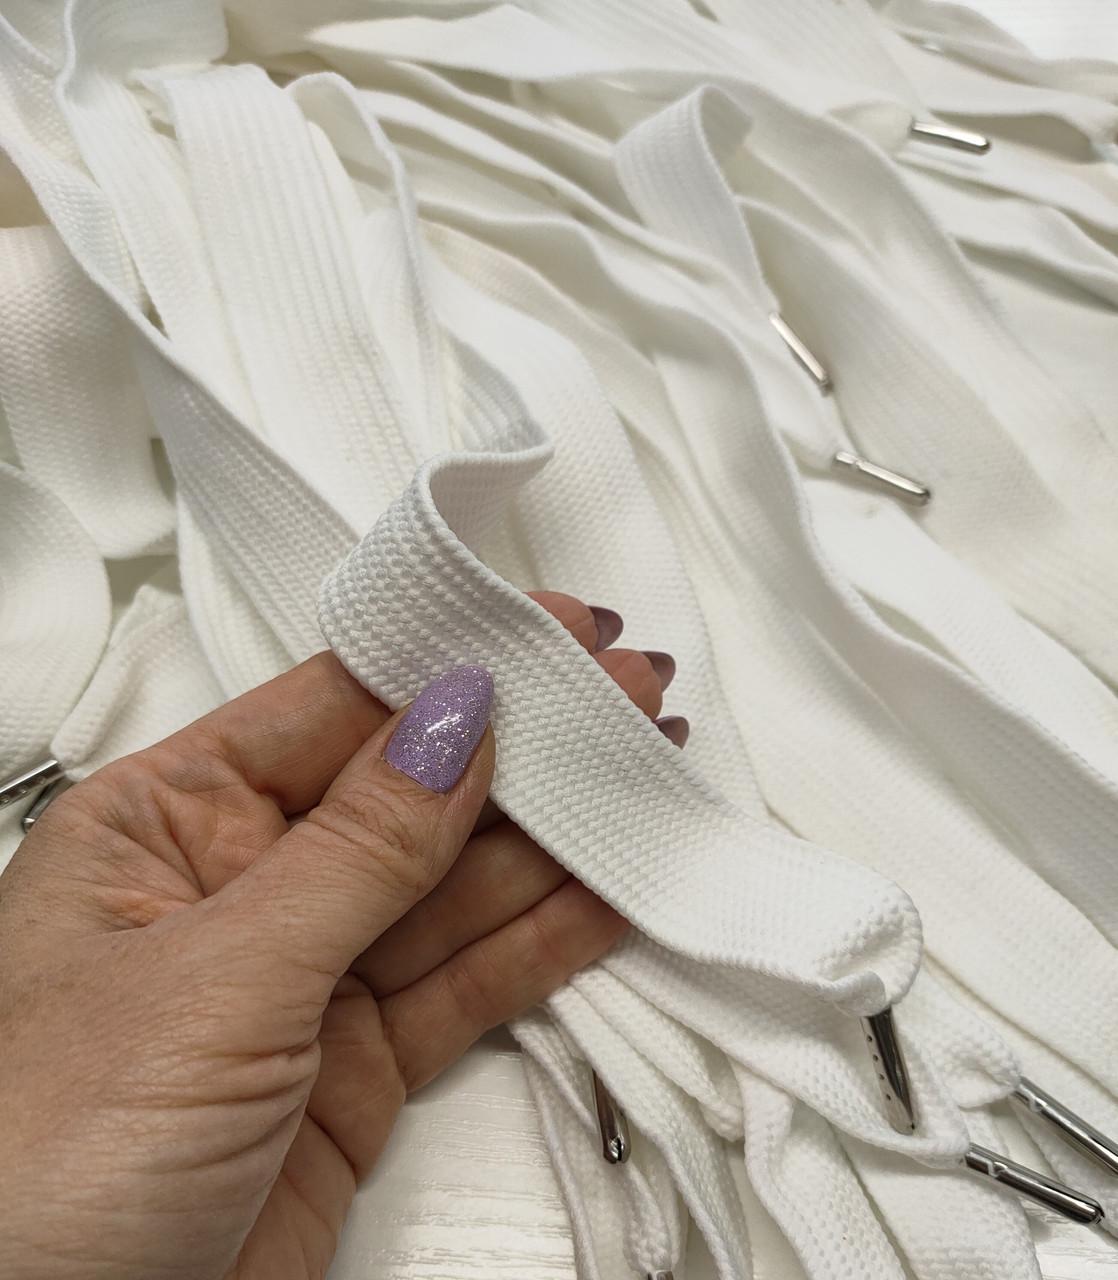 Шнур (текстильный) №24 плоский белый ширина 2.5см,  125см.